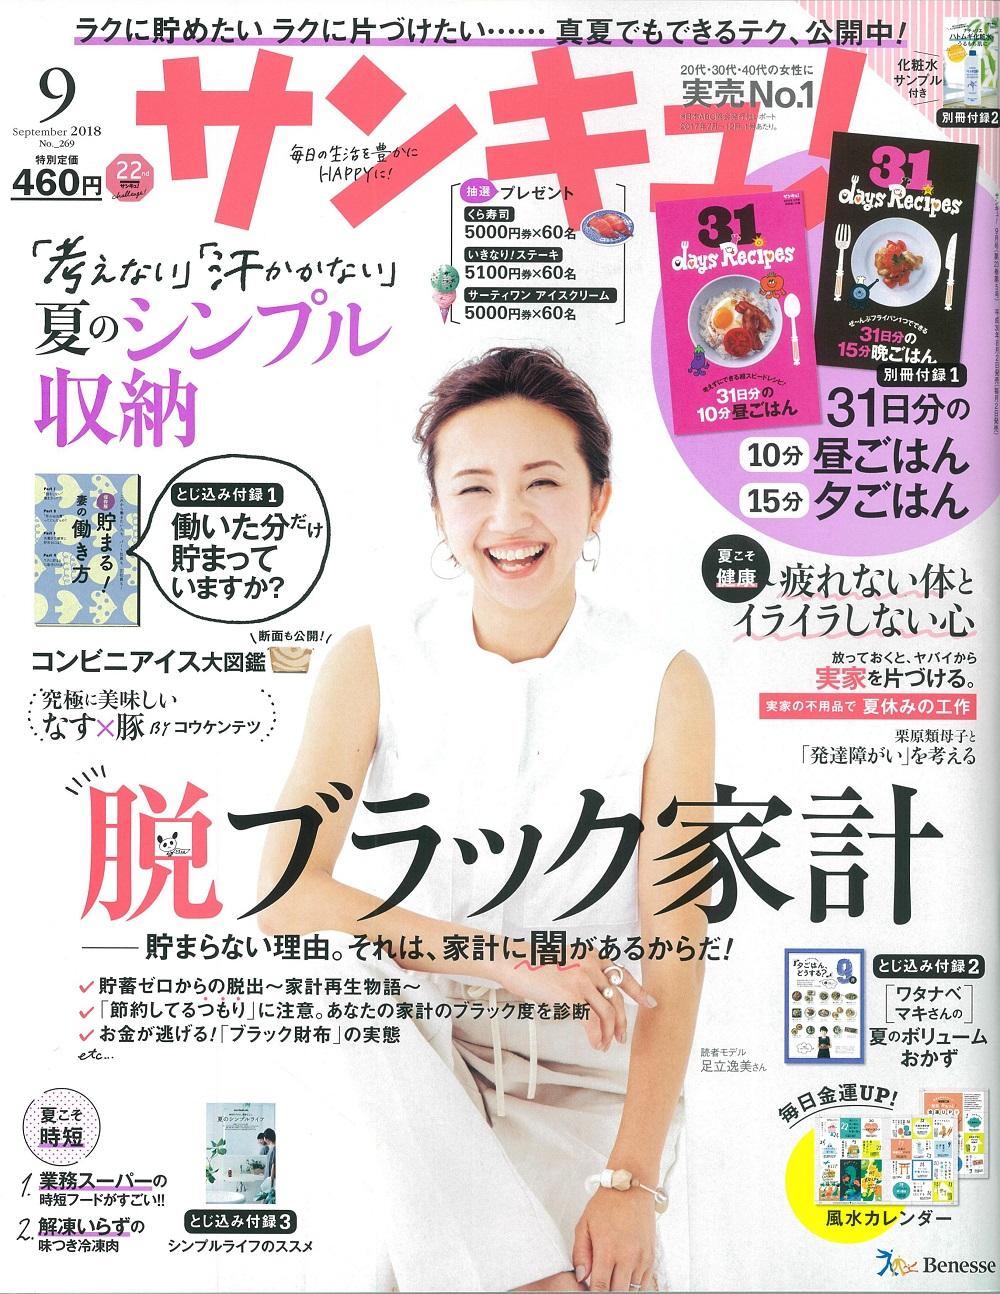 20180802_サンキュ_COVER.jpg